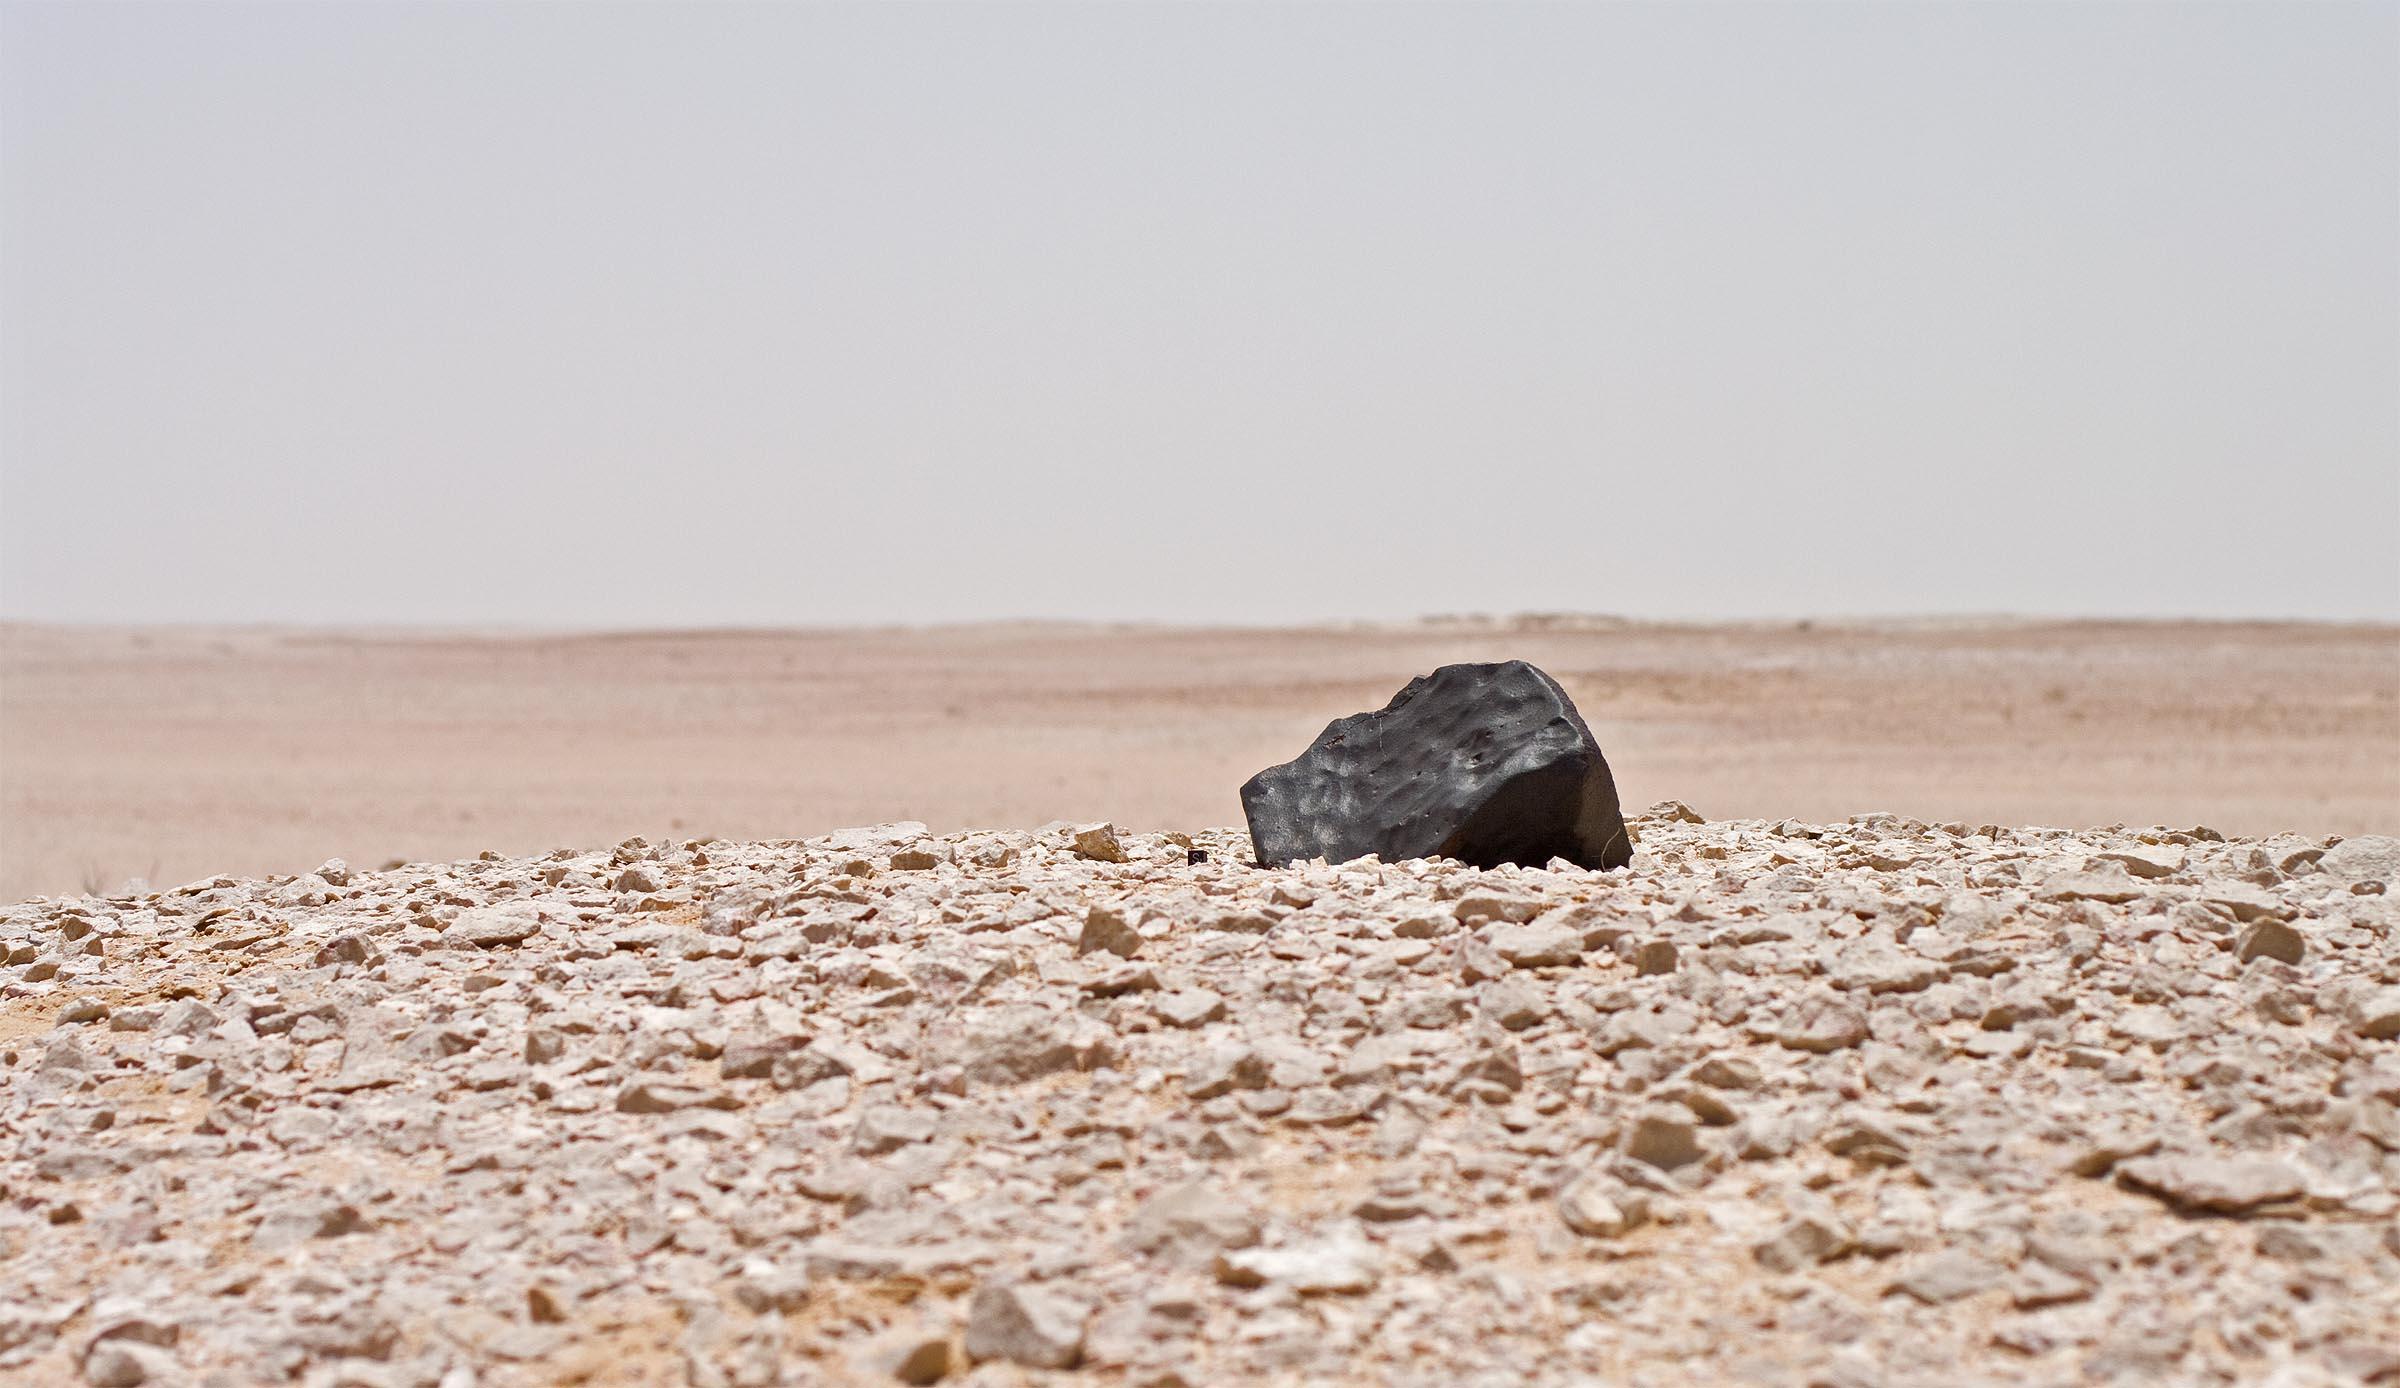 Asteroide misterioso del tamaño de un planeta enano nos acecha.